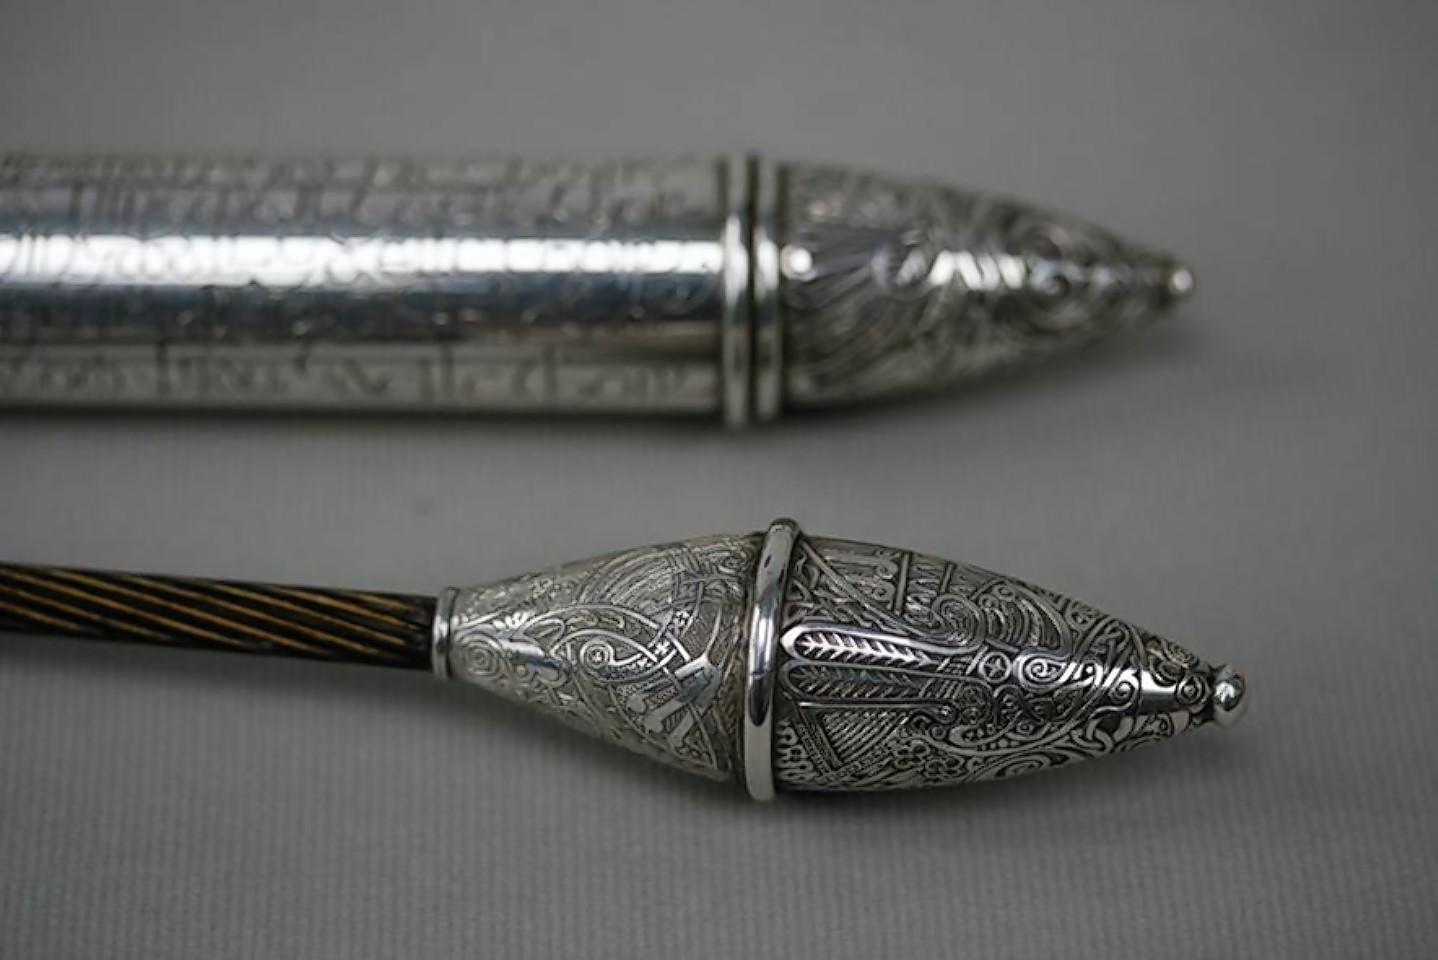 The Colin Grant Sangster Memorial Silver Baton